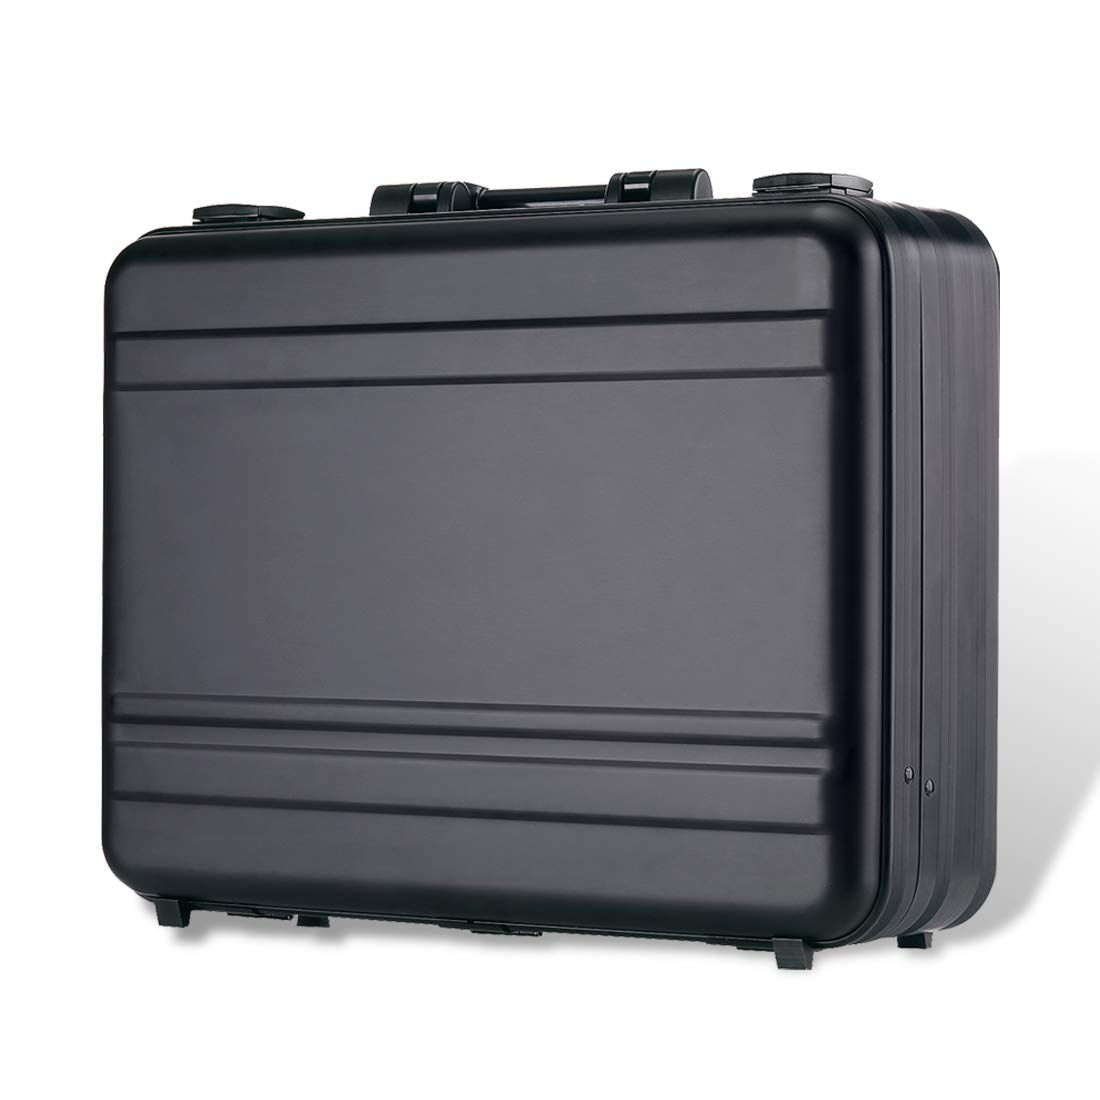 ブリーフケースアルミニウム合金 ワンステップ成形プロセスラップトップバッグ ハードウェアツールボックス B07H27VDJ2  14.5X10.6X6.1 Inch